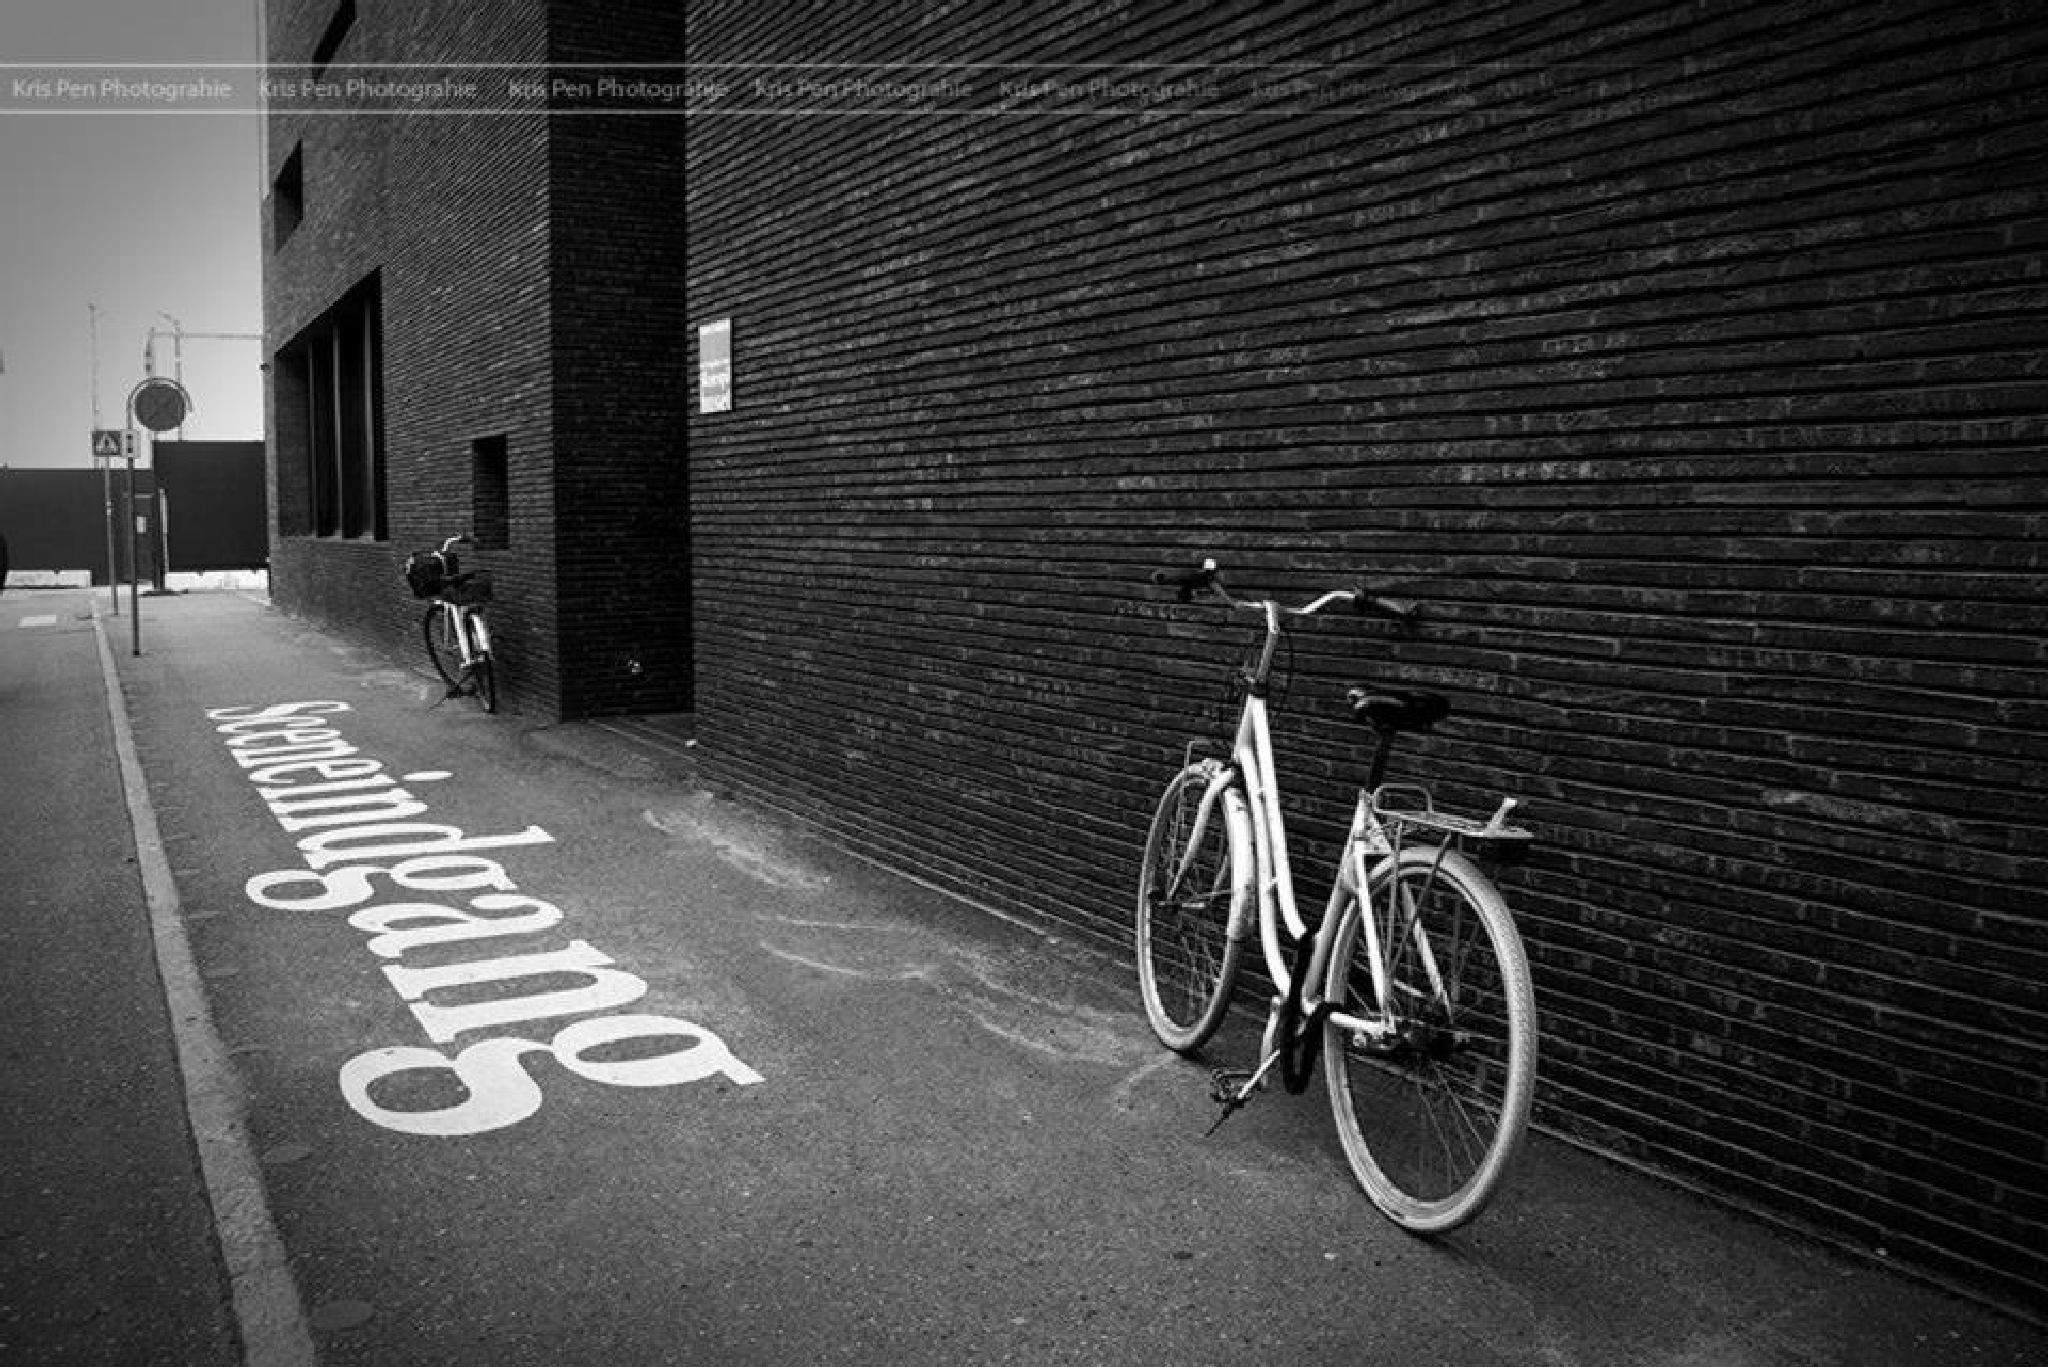 Bicycle in Copenhagen by Kris Pen